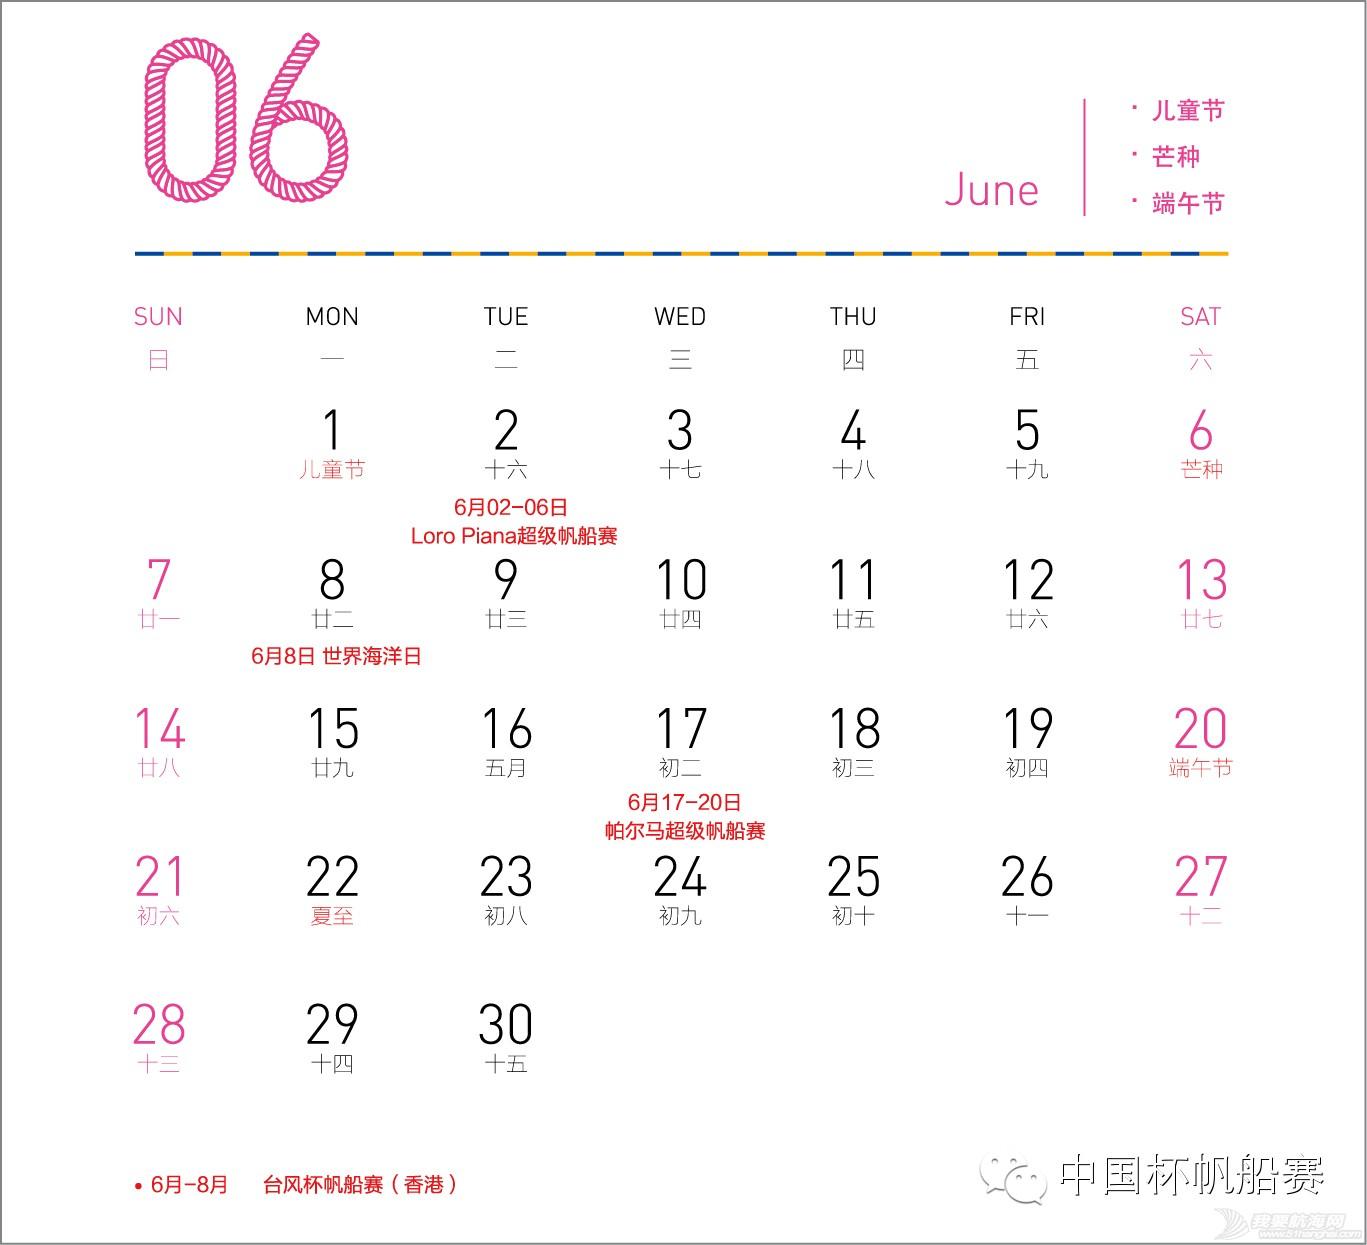 完整版,图片,中国,帆船,国际 2015年国际帆船赛历 c97a9d942946553f9991c9e9fceb381e.jpg